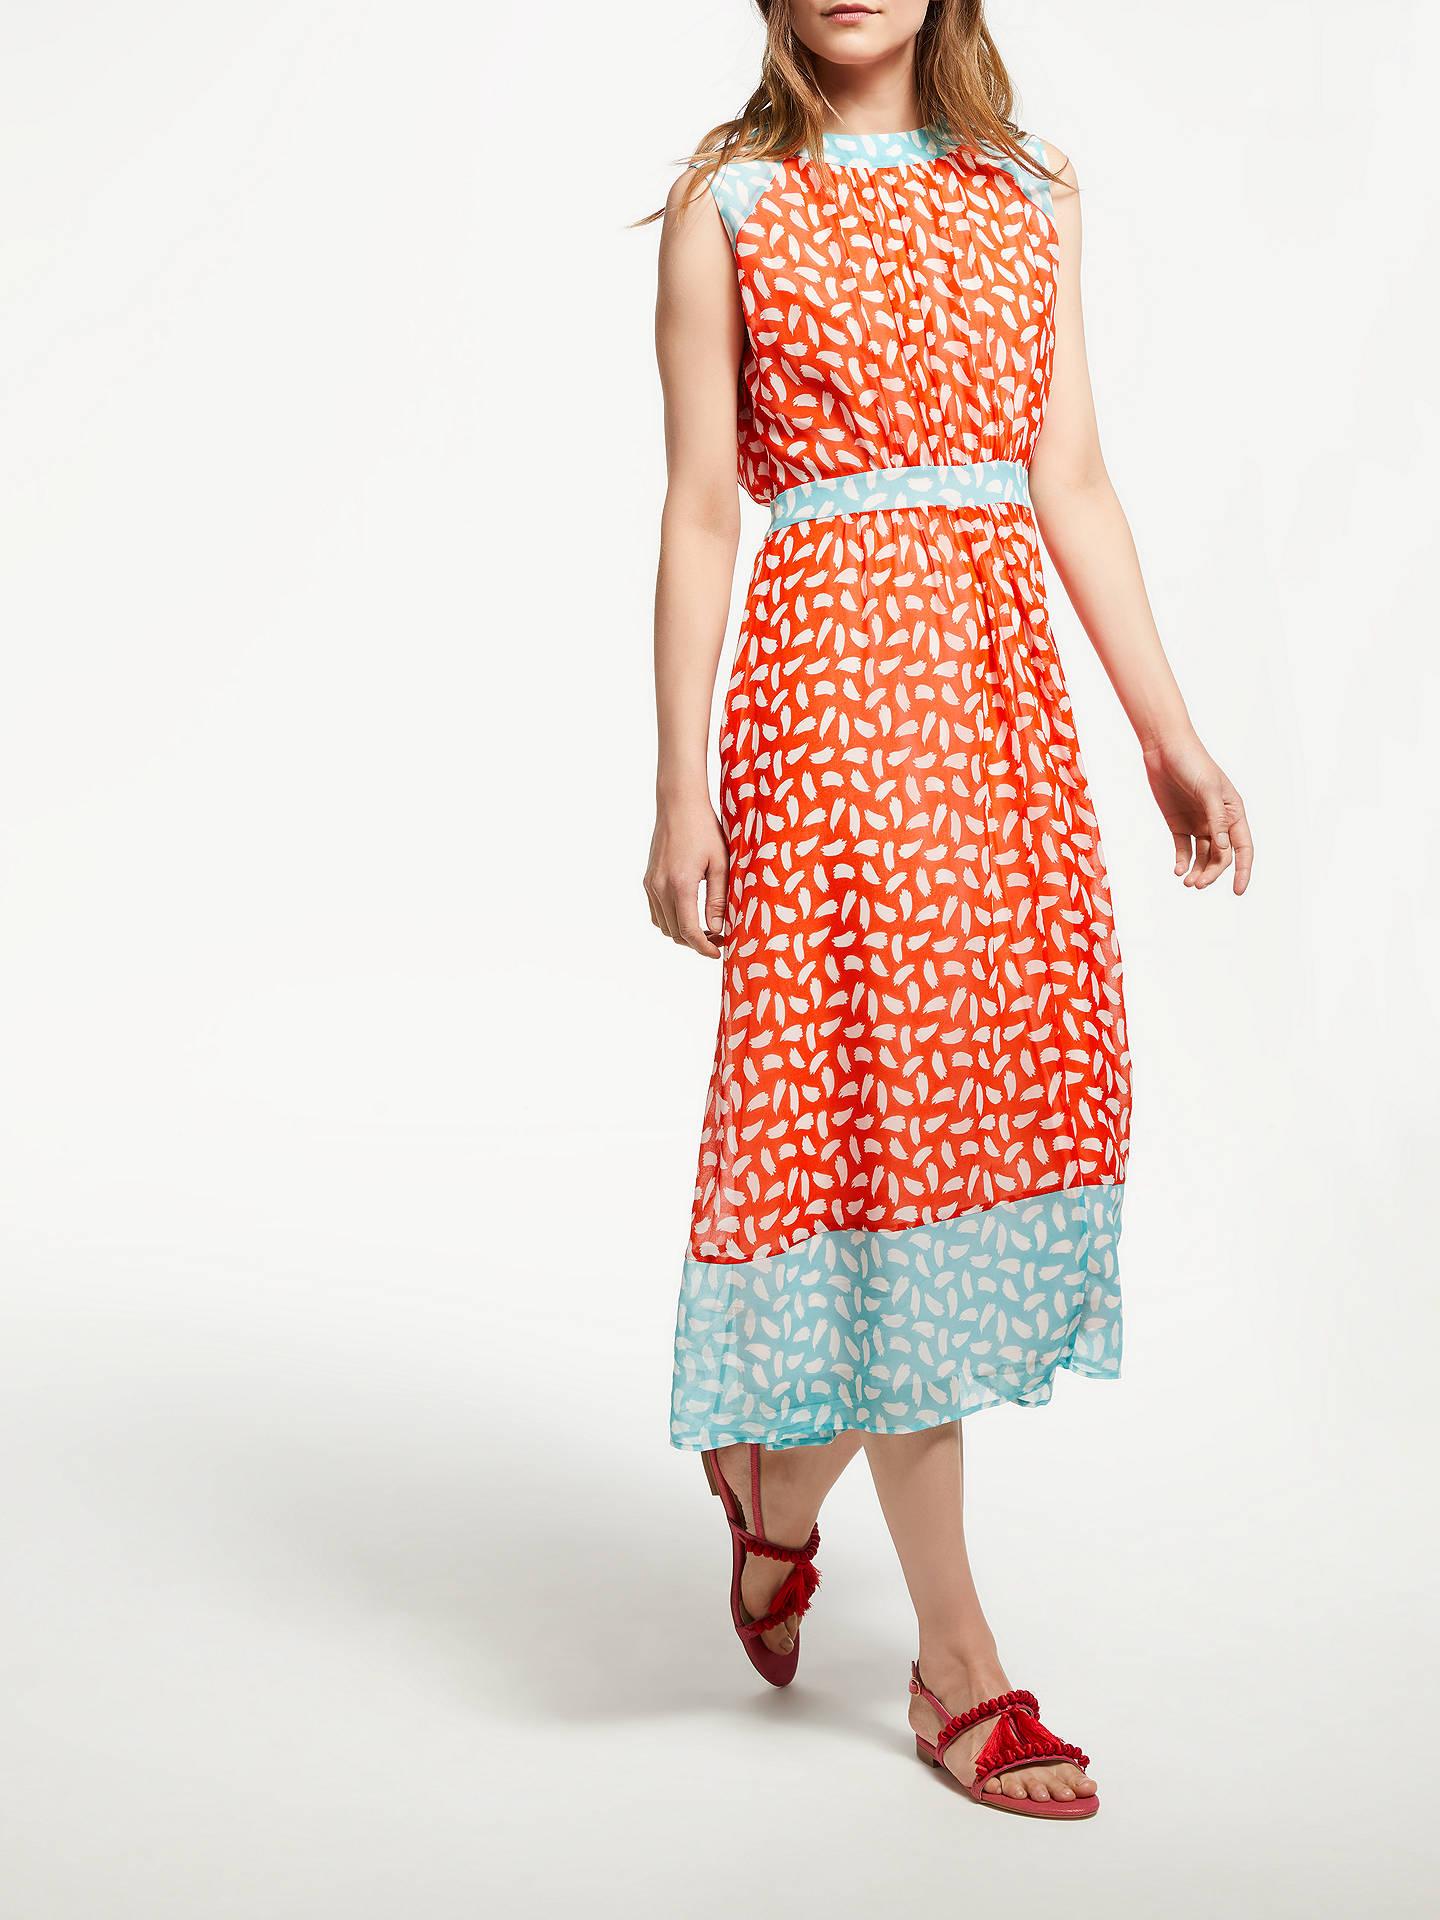 Boden Sylvie Brush Stroke Dress At John Lewis Partners